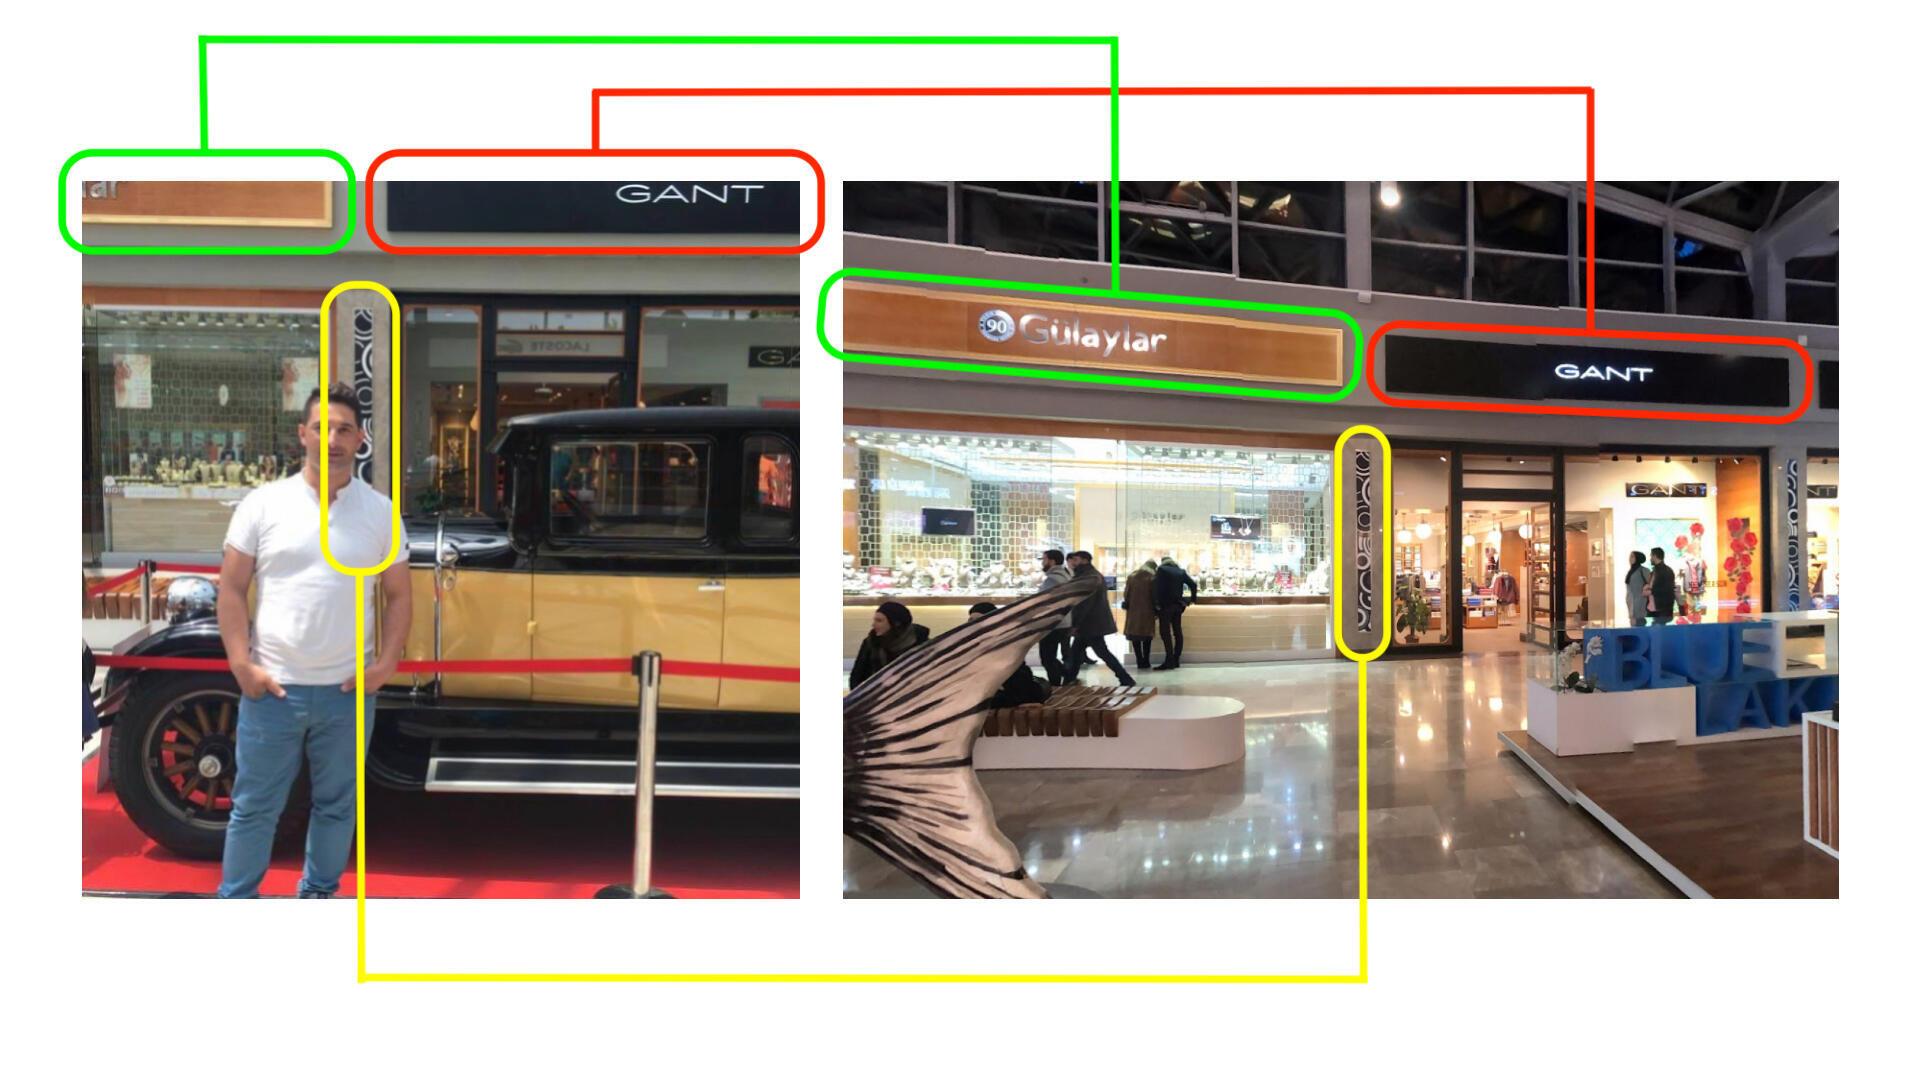 À gauche, photo partagée sur le compte Facebook de Rob Petrosian. À droite, capture d'écran de Google Streetview du centre commercialAqua Florya.